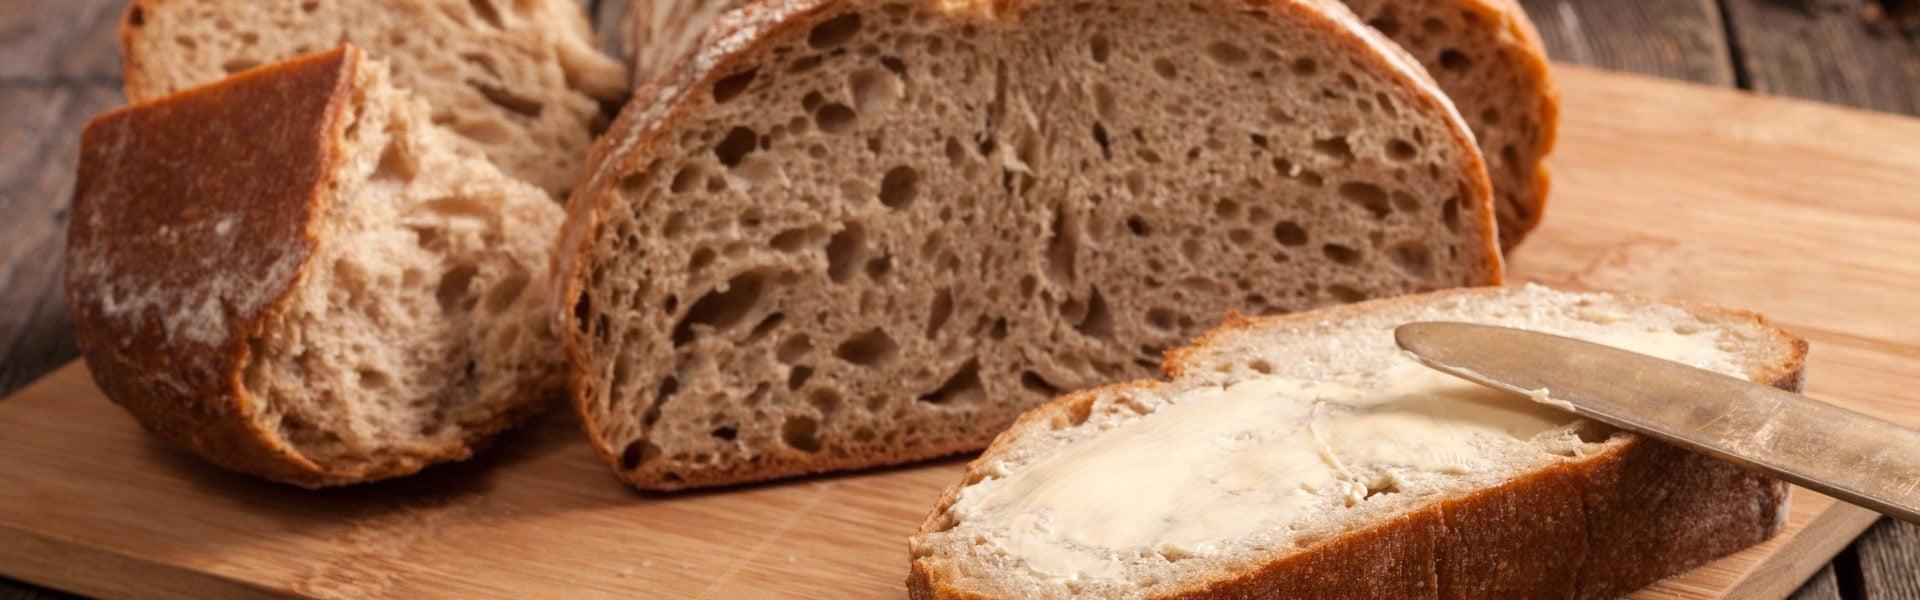 Vive le pain bio !